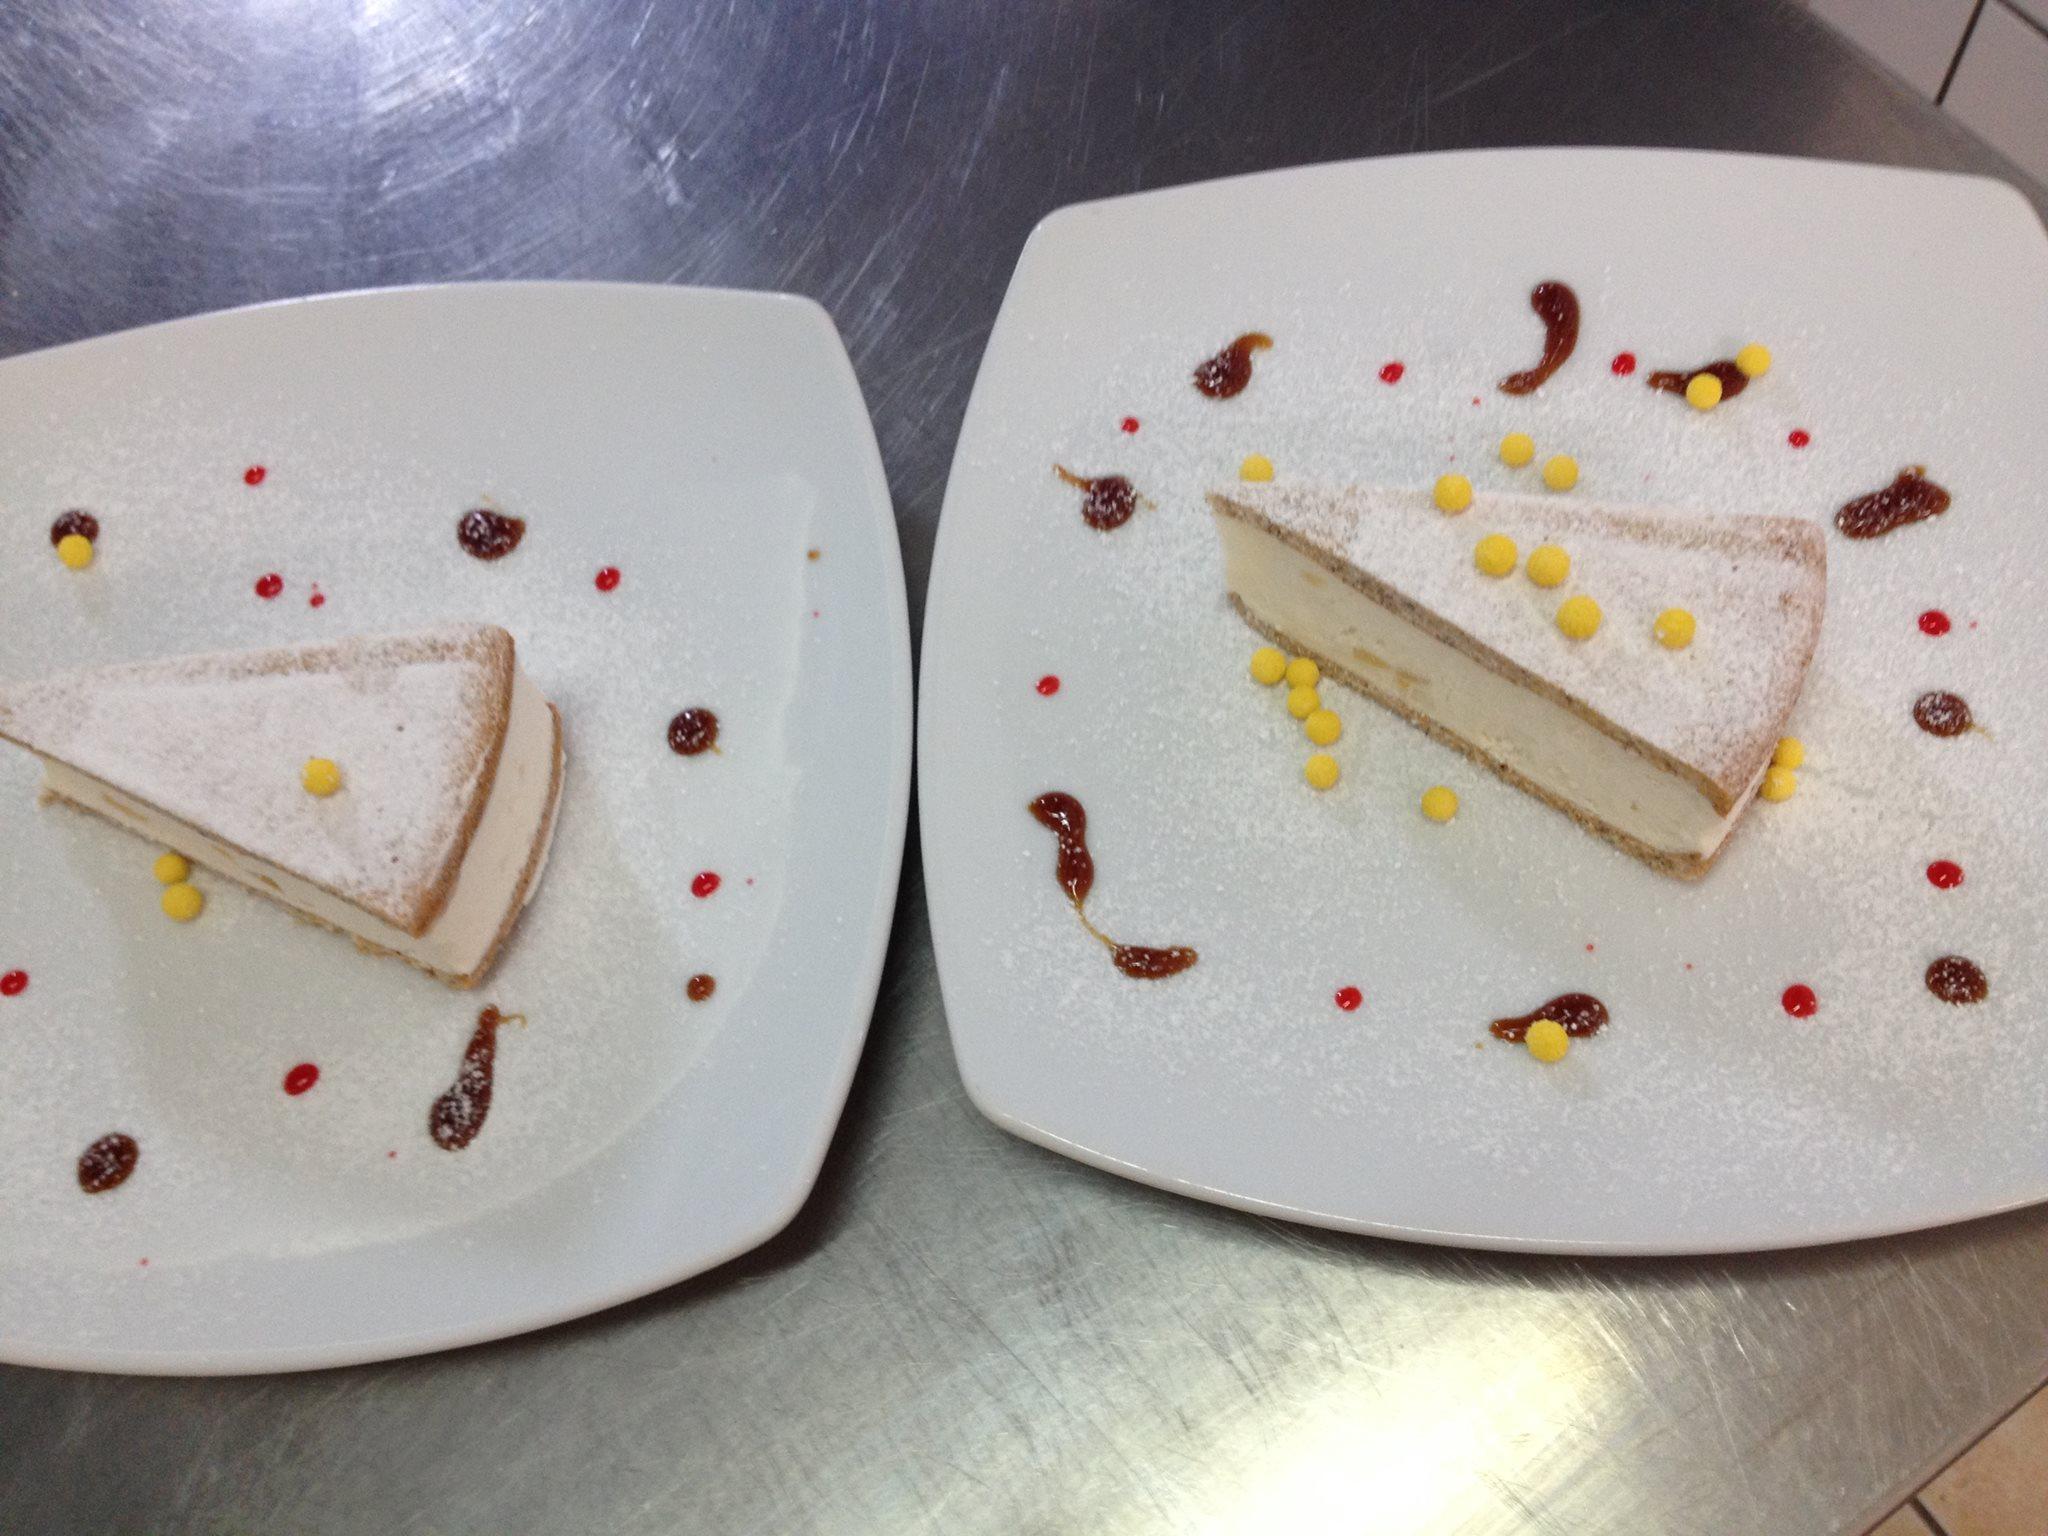 due piatti con due fette di torta con zucchero a velo